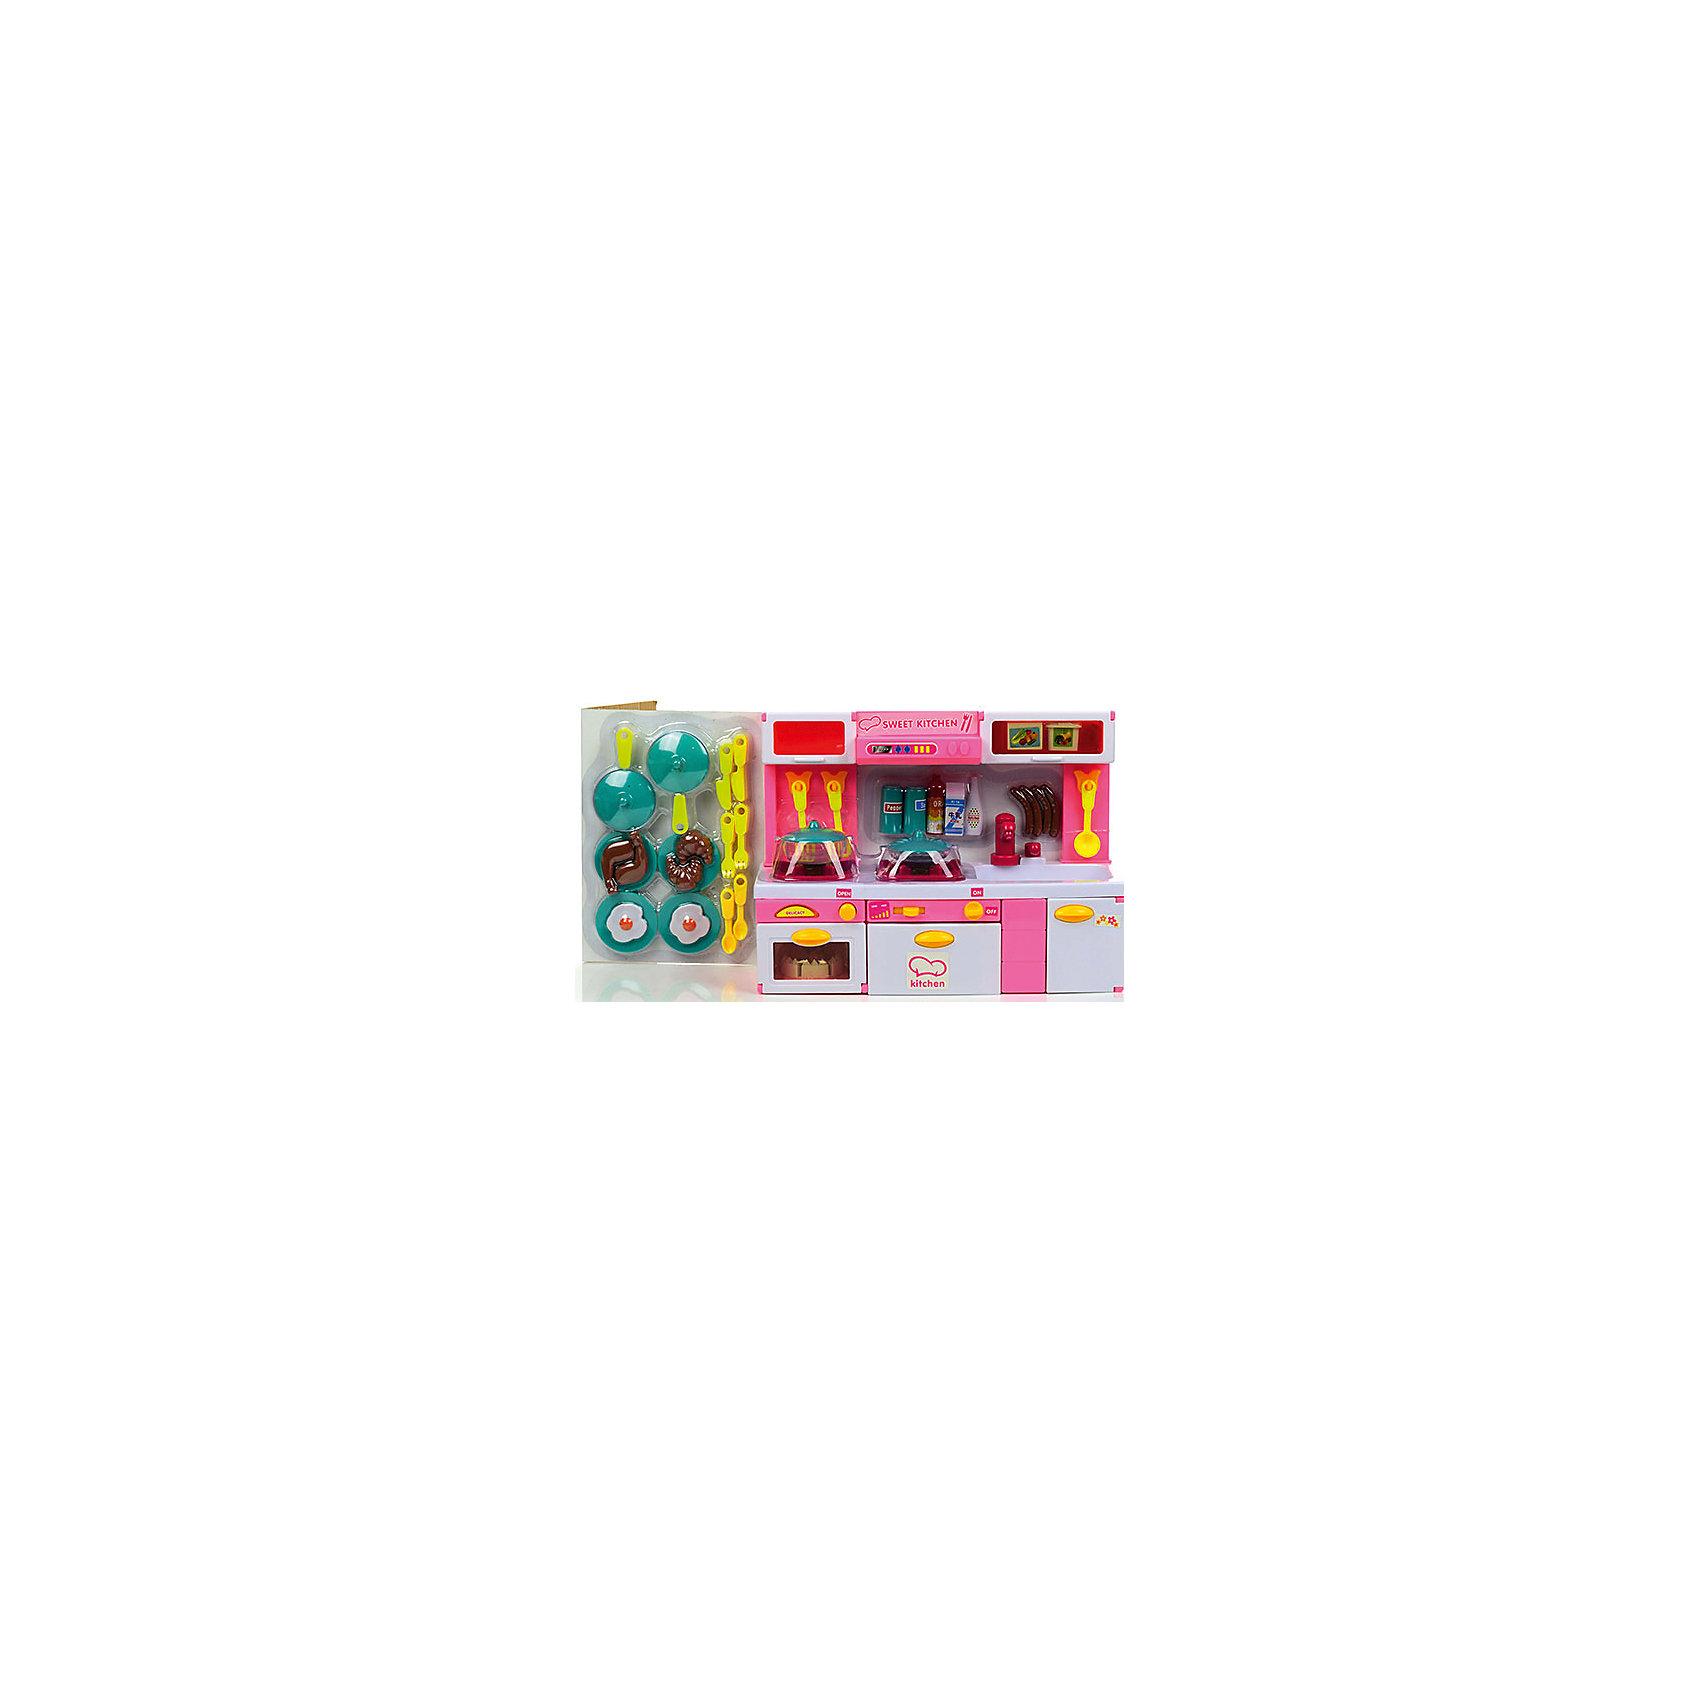 Набор мебели для кукол Суперкухня, DollyToyКукольная одежда и аксессуары<br>Характеристики товара:<br><br>• возраст от 3 лет;<br>• материал: пластик;<br>• в комплекте: кухня с аксессуарами;<br>• размер упаковки 49х34,5х13,5 см;<br>• вес упаковки 2,08 кг;<br>• страна производитель: Китай.<br><br>Набор мебели для кукол «Суперкухня» DollyToy — набор бытовой техники и посуды для кукол, с которым девочка может придумать сюжеты для игры. Ее любимая куколка может пригласить друзей в гости попить чай или попробовать вкусное блюдо. Дверцы на кухне открываются и закрываются. Плита оснащена световыми и звуковыми эффектами.<br><br>Набор мебели для кукол «Суперкухня» DollyToy можно приобрести в нашем интернет-магазине.<br><br>Ширина мм: 490<br>Глубина мм: 135<br>Высота мм: 345<br>Вес г: 2083<br>Возраст от месяцев: 36<br>Возраст до месяцев: 72<br>Пол: Женский<br>Возраст: Детский<br>SKU: 5581265